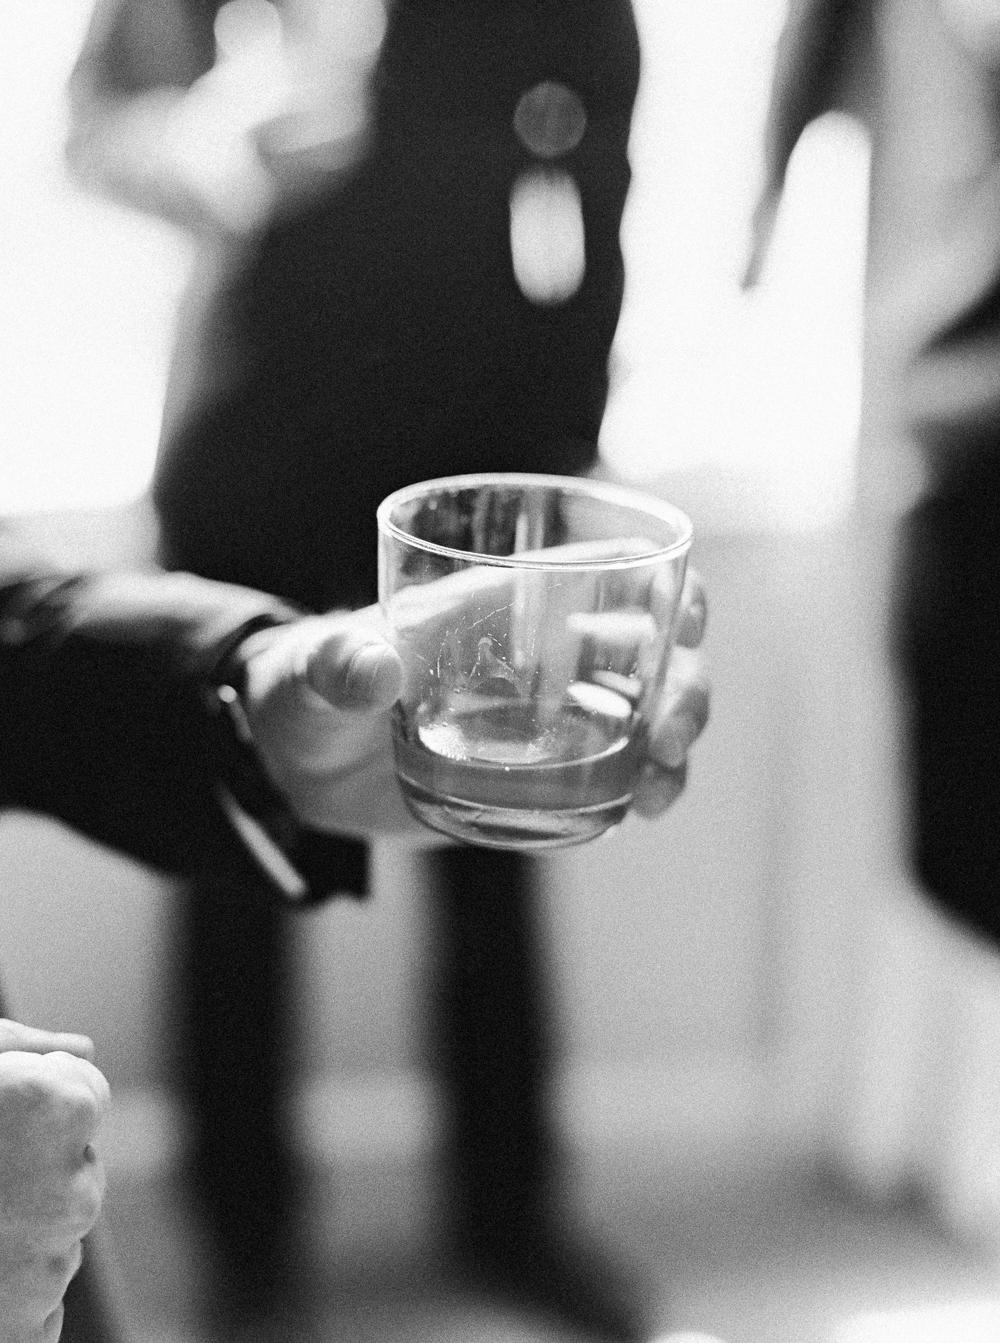 0010-When-He-Found-Her-Muskoka-JW Marriott-The Rosseau-shea-events-sweet-woodruff-canadian-resort-wedding.jpg